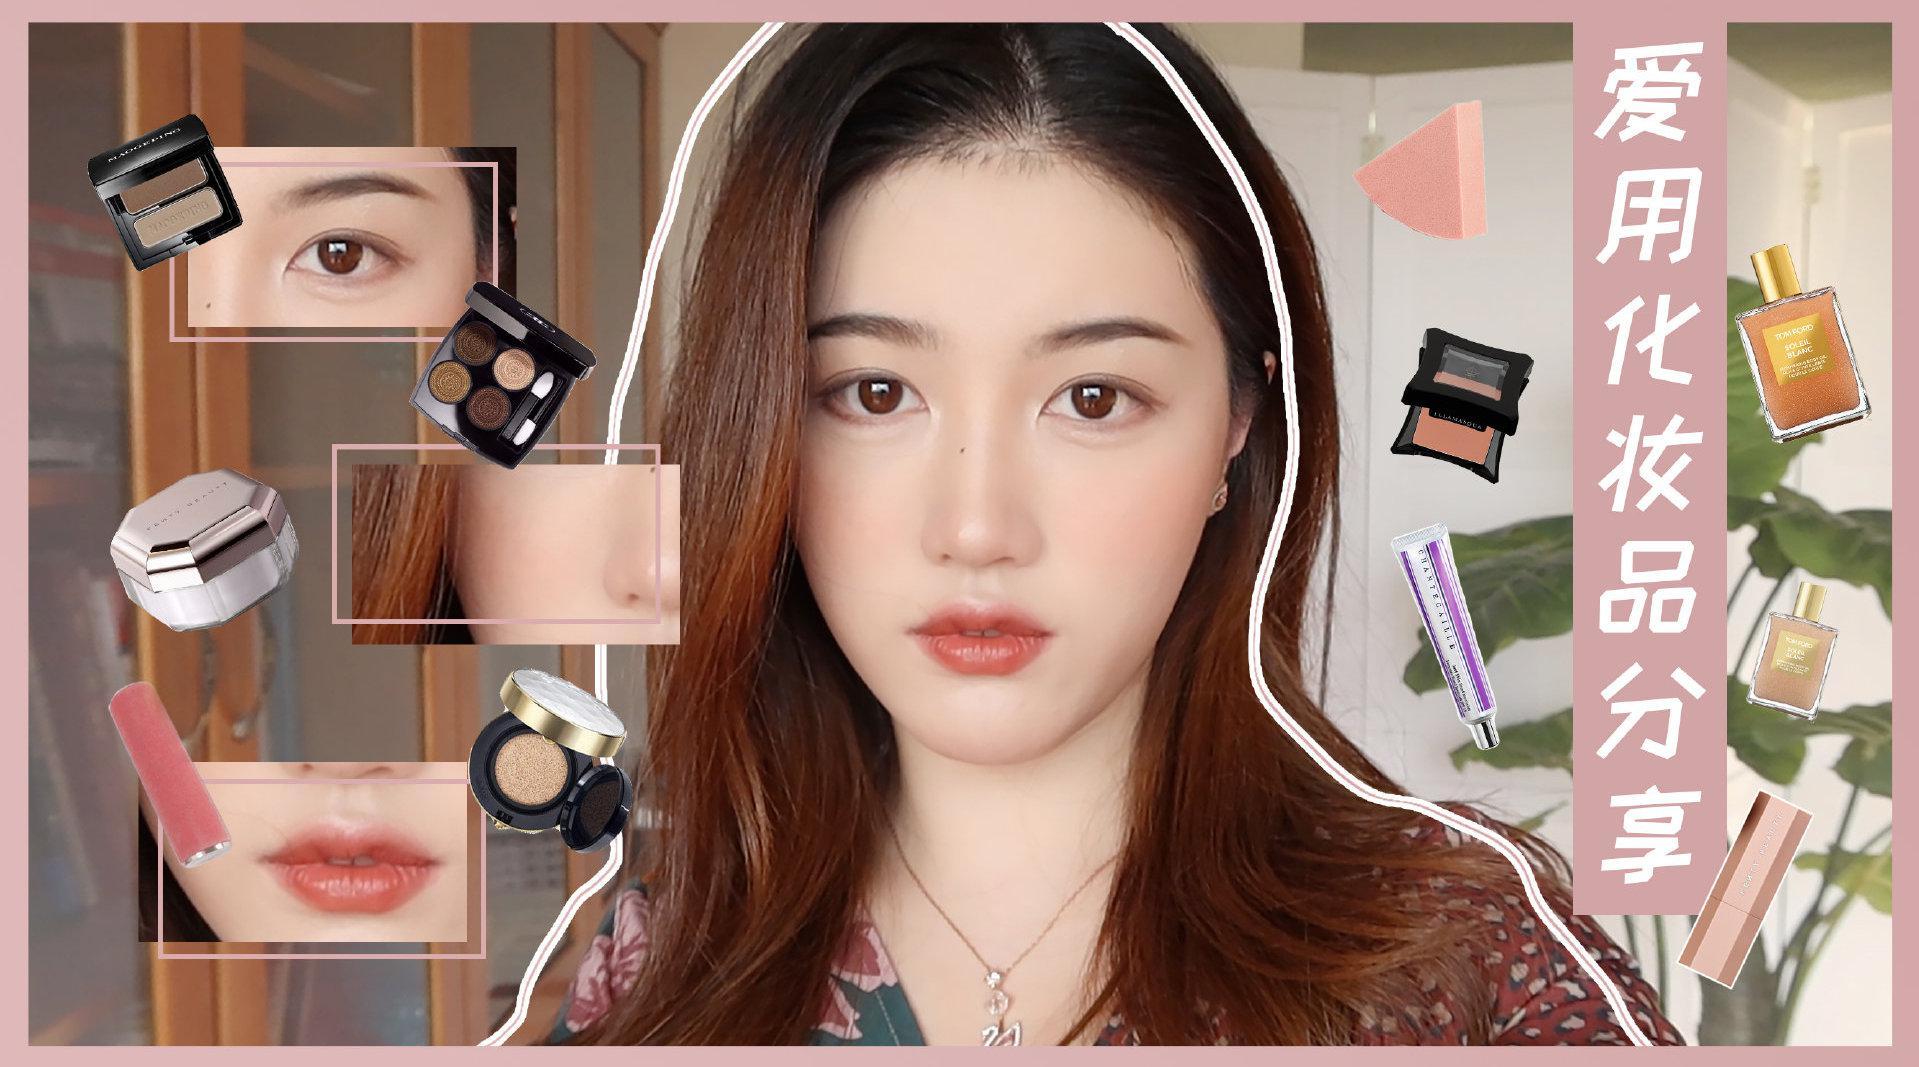 近期最喜欢用的彩妆用品都在这里啦,顺便把上妆工具也给大家分享了